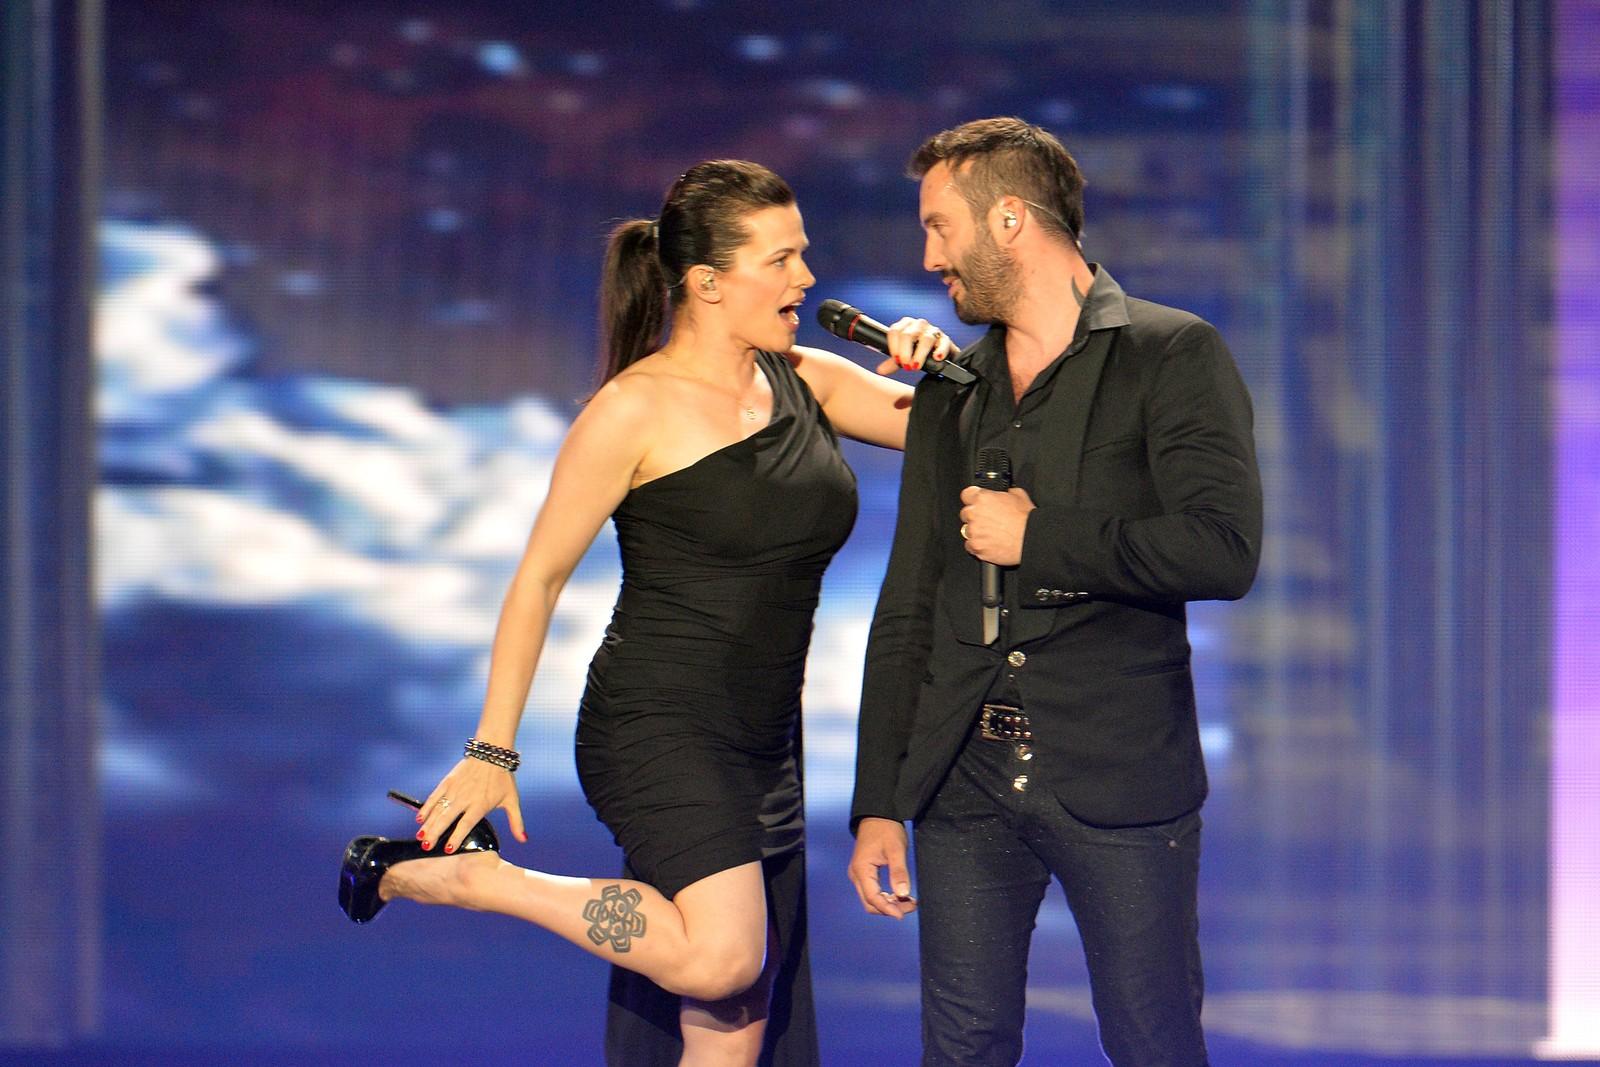 Marta Jandová og Václav Noid Bárta fra Tsjekkia synger «Hope Never Dies» og håper på finaleplass i kveld som åttende artist ut. Her fra onsdagens kostymeprøver.